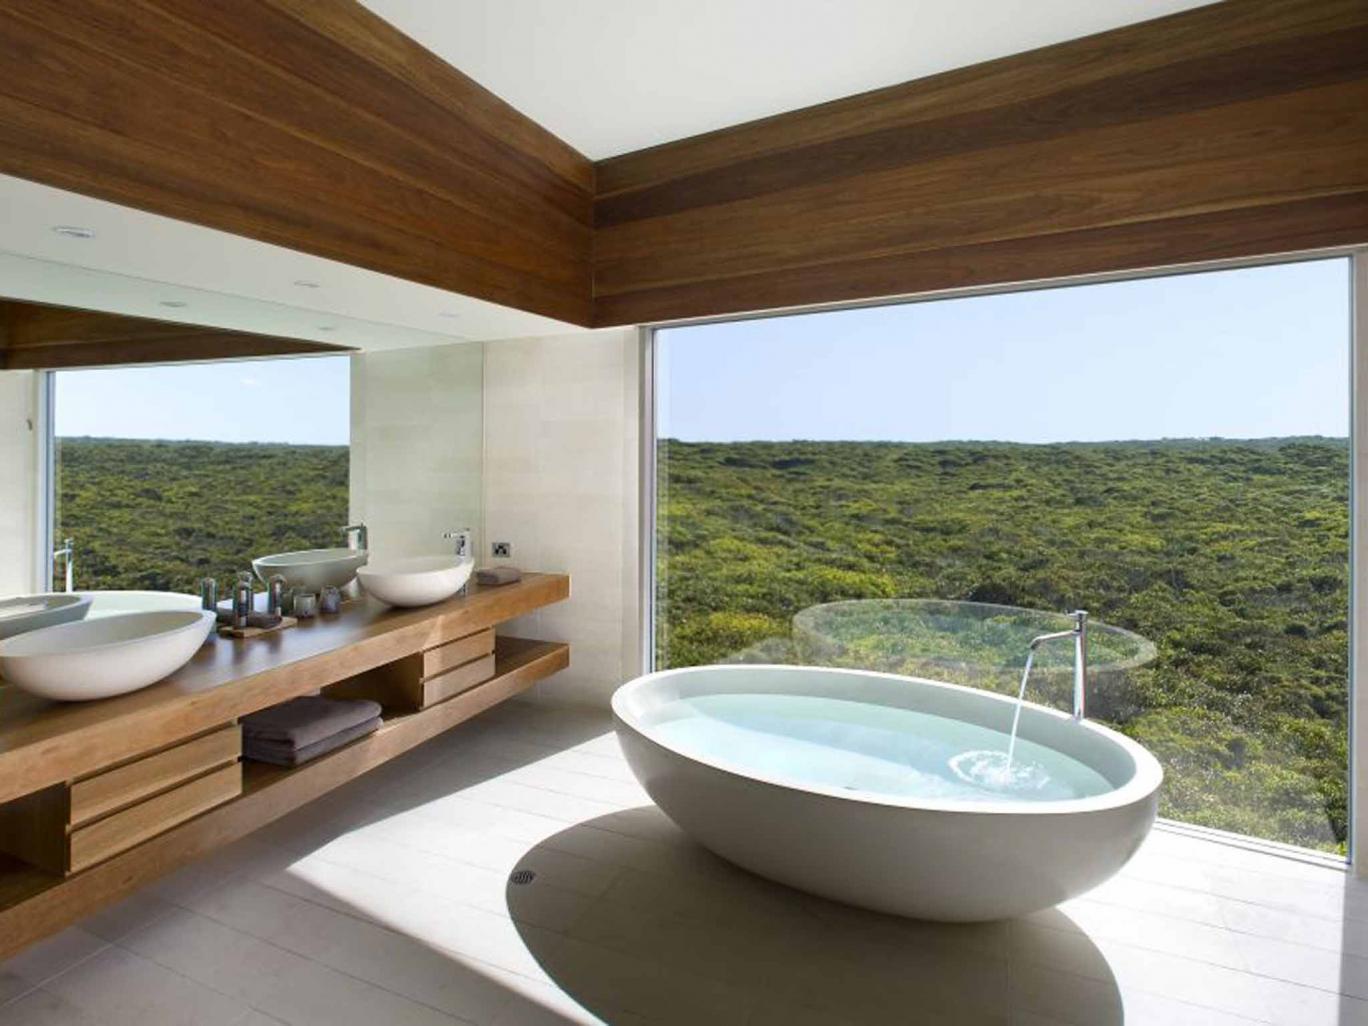 Casas de banho modernas idealista news for Casas modernas idealista